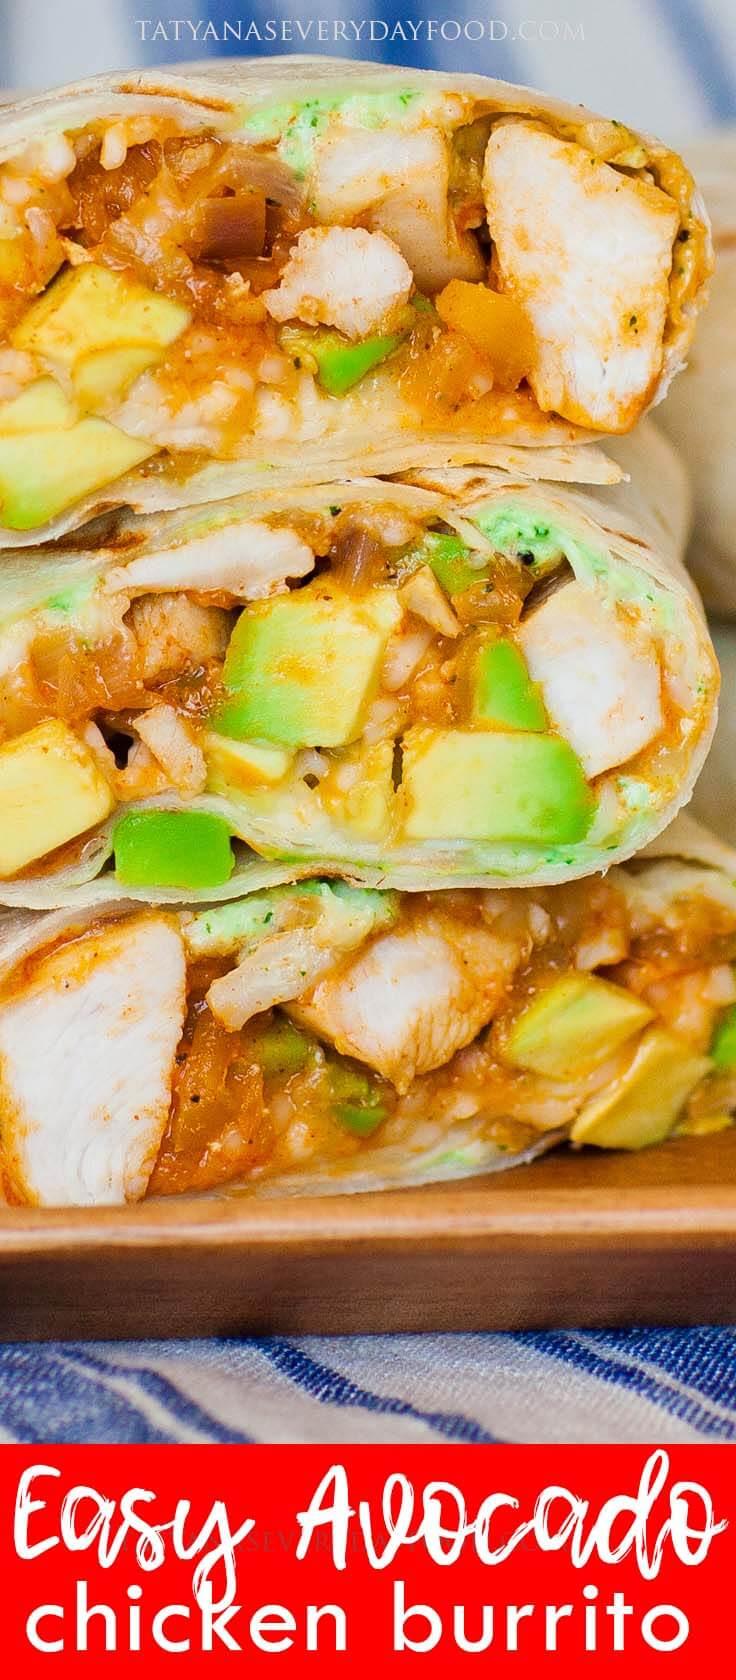 Easy Avocado Chicken Burrito Recipe with video